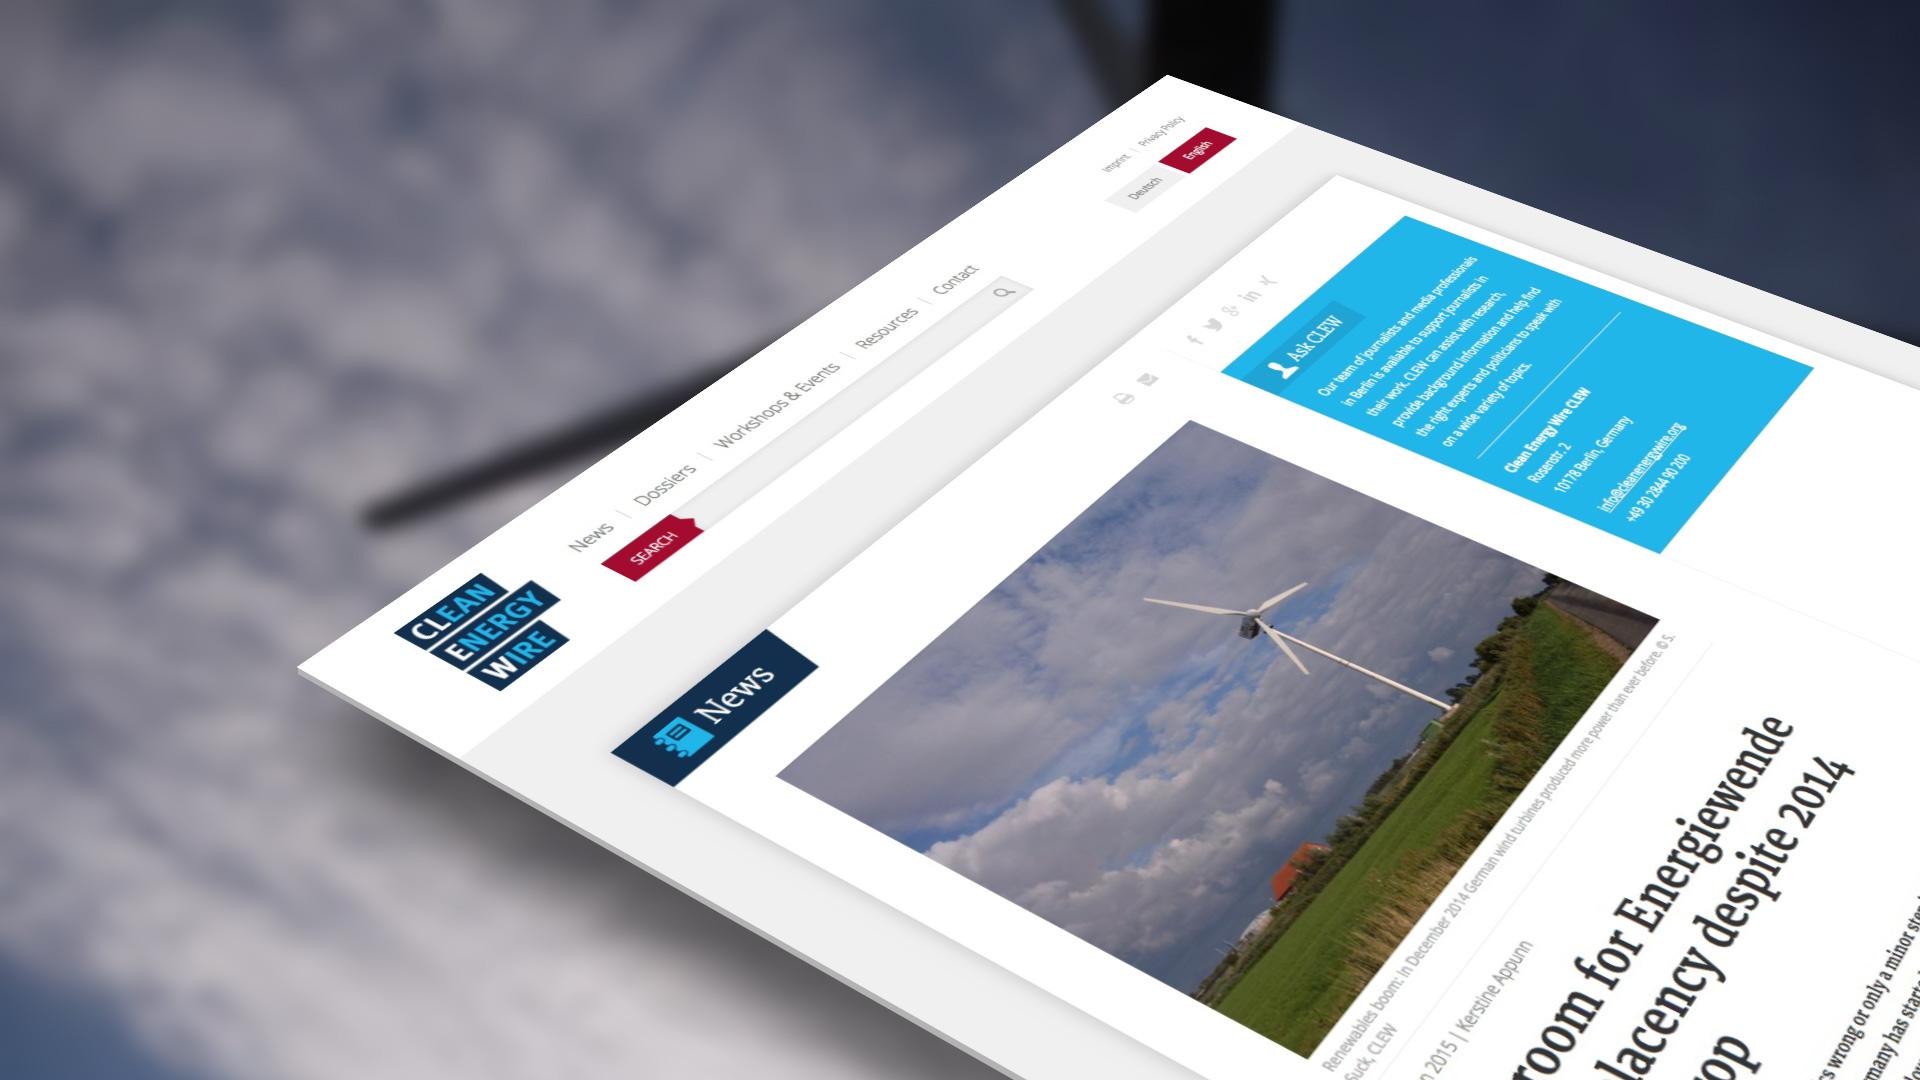 Bilder im Webdesign